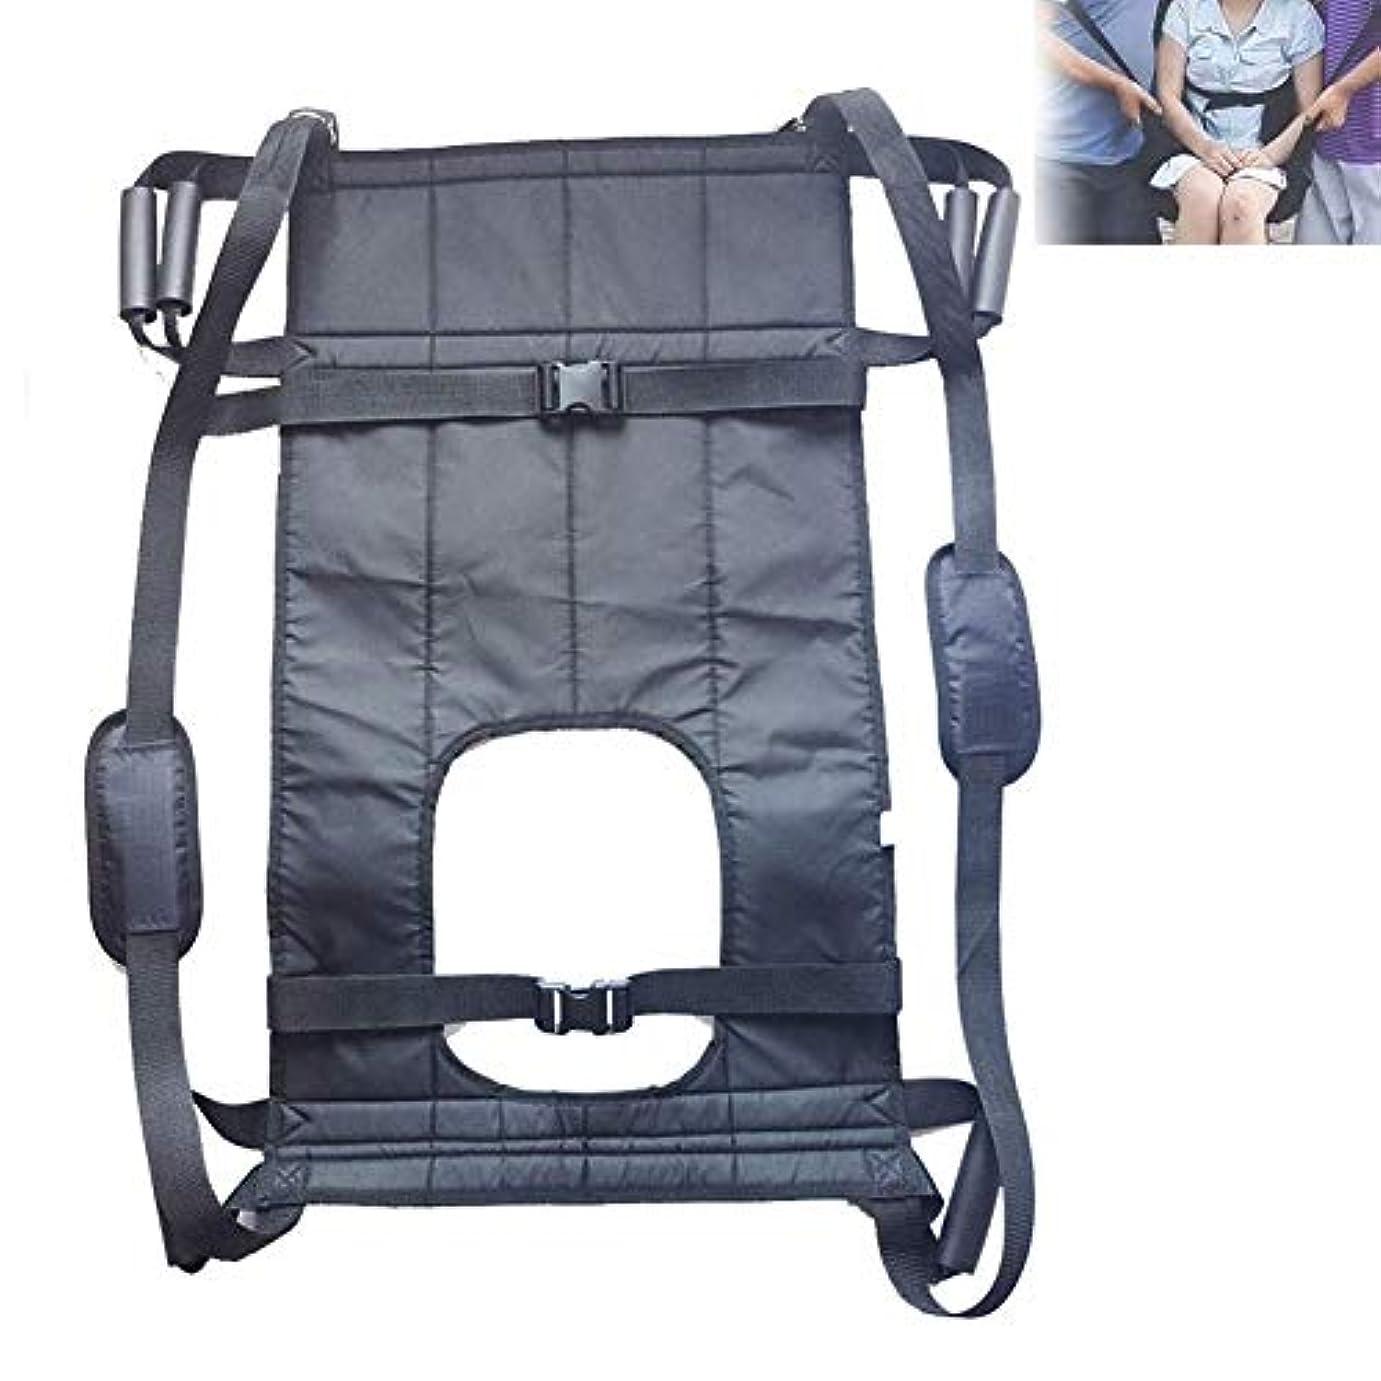 個人的に酒患者用補助具パッド付き車椅子用シートベルトハンドル付きベルト、寝たきり老人介護、便器患者用のトランスファーシートパッド,Canlieflat